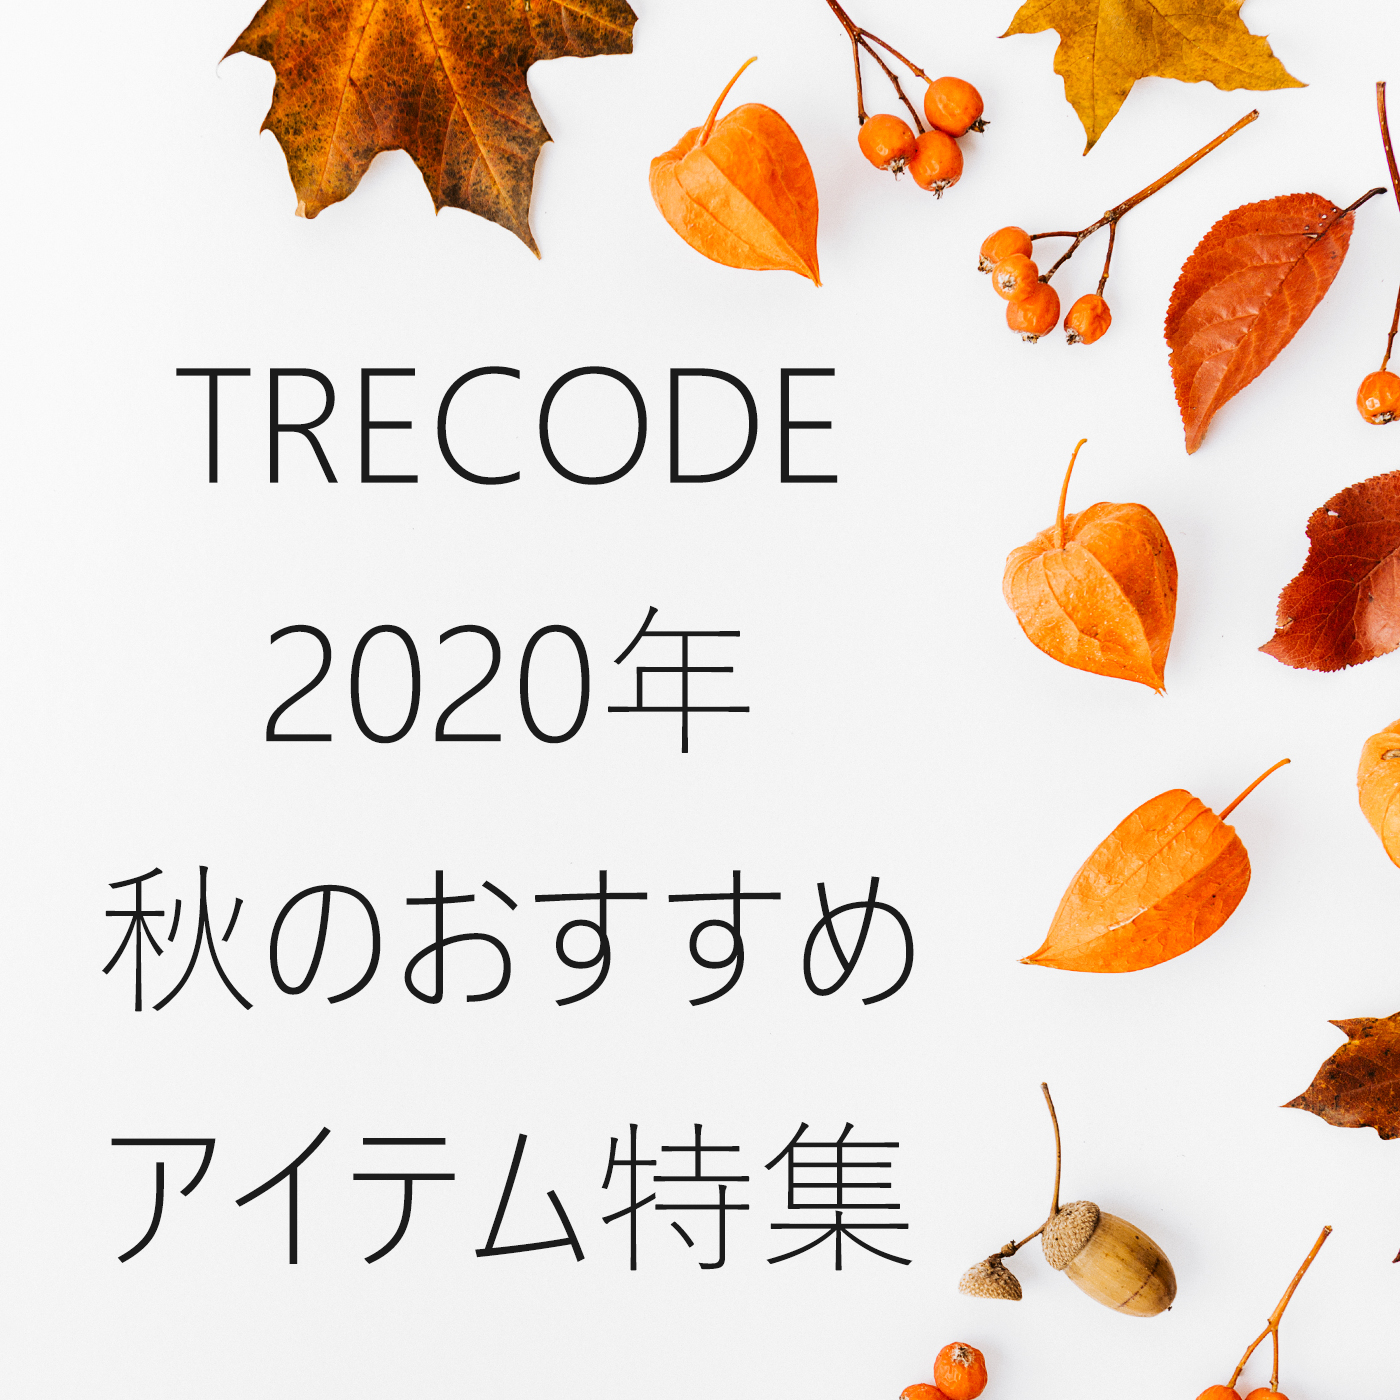 トレコードの2020年秋おすすめアイテム